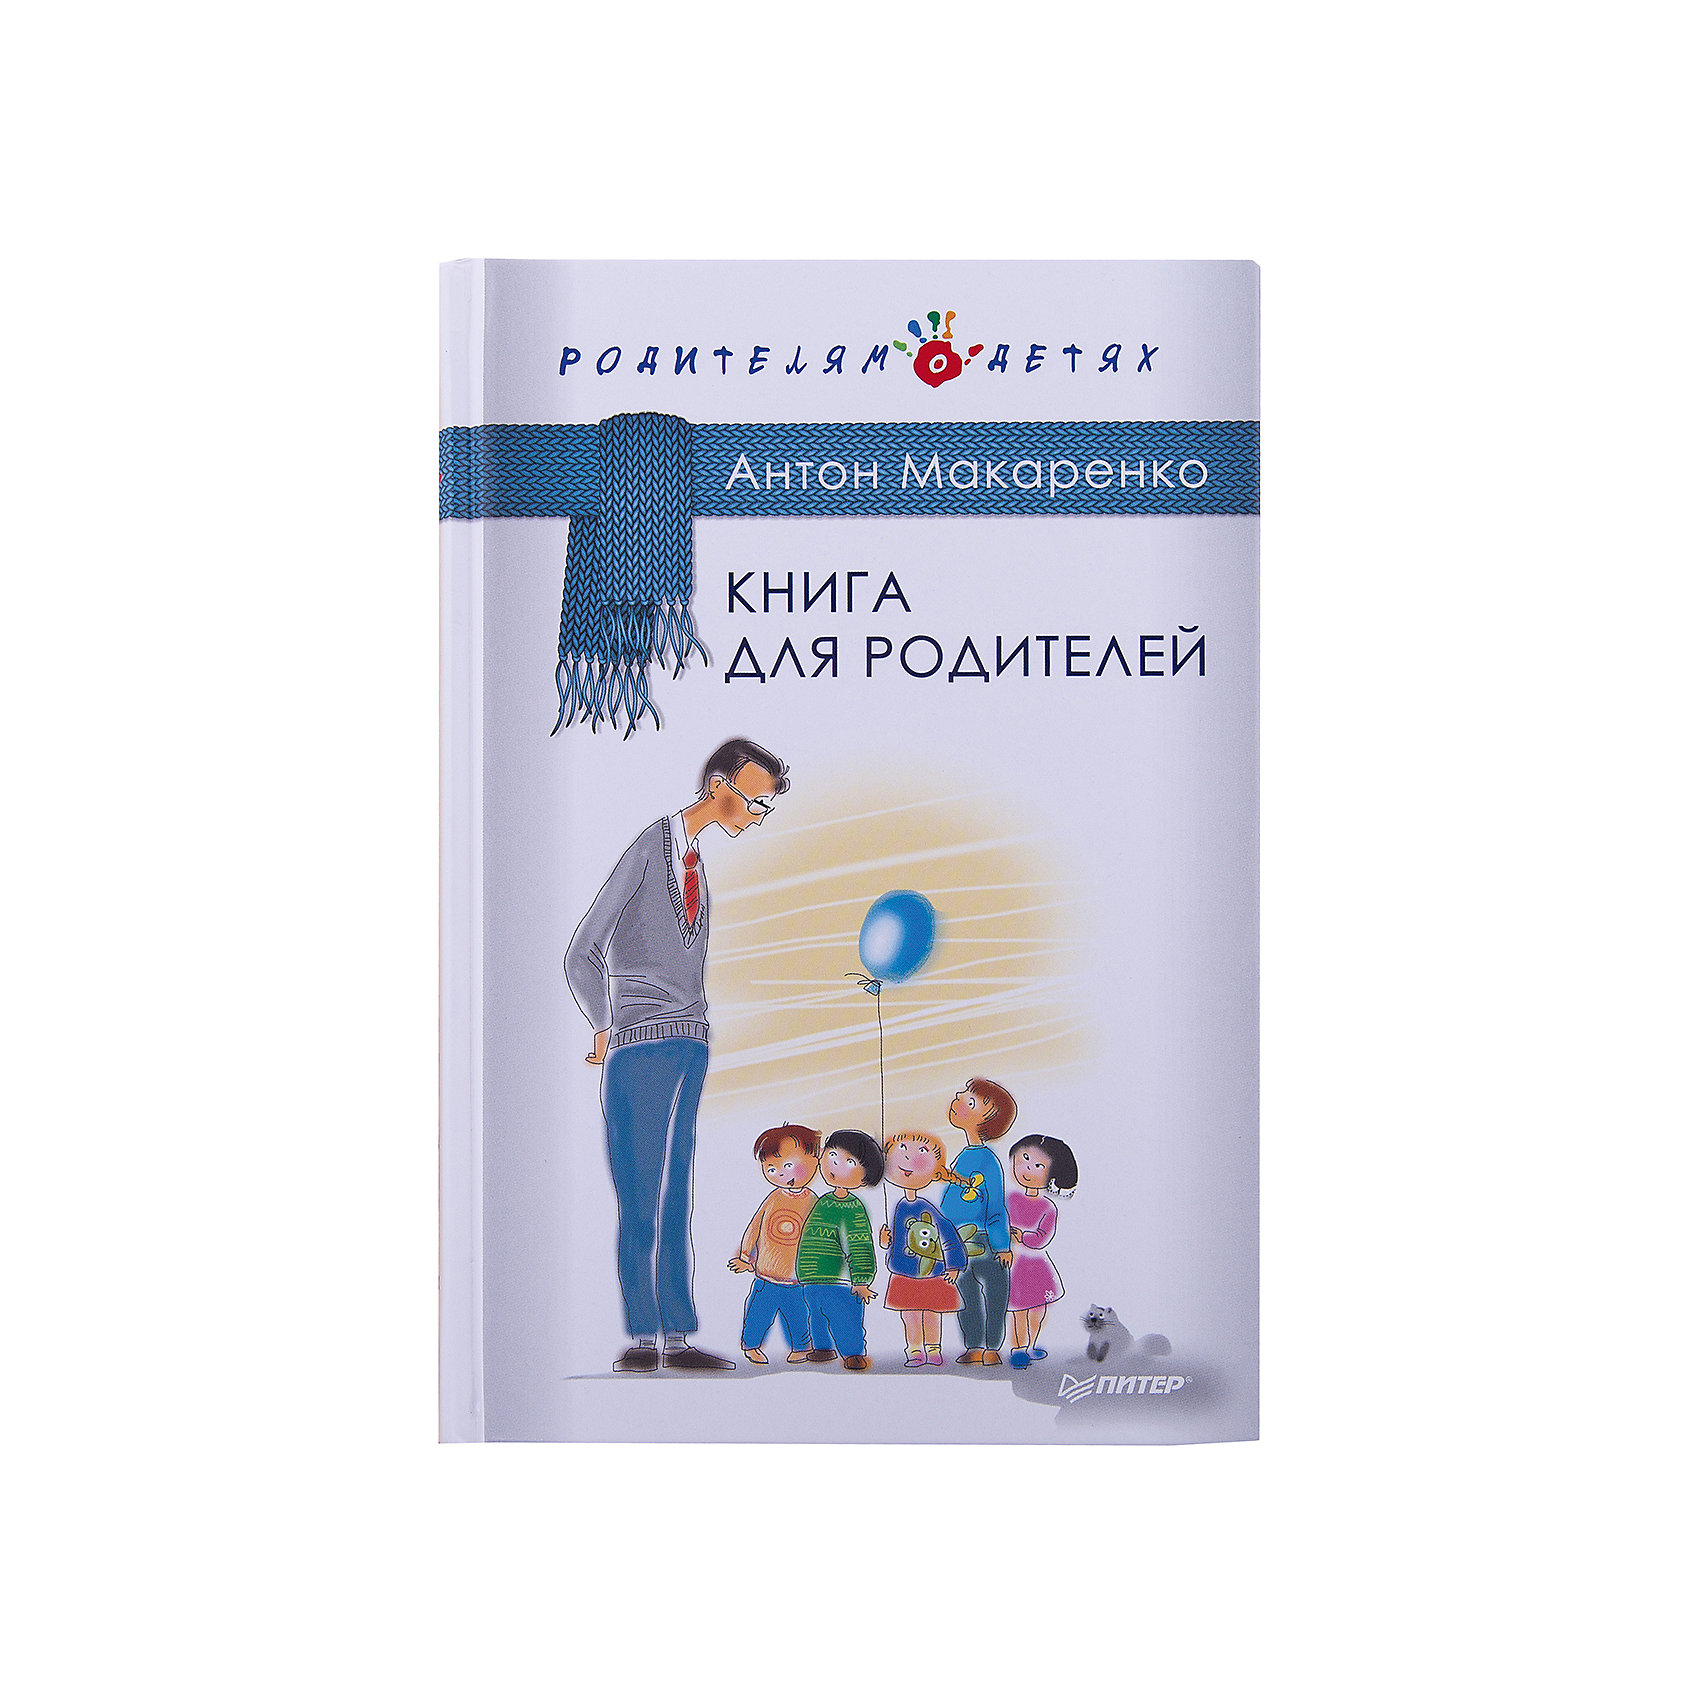 Книга для родителей«Книга для родителей» - уникальный литературный экземпляр в семейной психологии. Автор, известный писатель Антон Макаренко, стоит на стороне ребенка в любых спорах и уговаривает родителей посмотреть на проблему с другой стороны. Книга полна практических советов по воспитанию детей, поднимает актуальные острые и спорные вопросы, терзающие современное общество. Интересный язык, острые фразы и наболевшие вопросы не первый год привлекают большое количество покупателей.  Книга станет отличным подарком для молодых родителей и всех, кому небезразлично правильное воспитание чада.<br><br>Дополнительная информация:<br><br>страниц: 288;<br>формат: 145 х 215 мм.<br><br>Сборник «Книга для родителей»  можно приобрести в нашем магазине.<br><br>Ширина мм: 213<br>Глубина мм: 147<br>Высота мм: 17<br>Вес г: 391<br>Возраст от месяцев: -2147483648<br>Возраст до месяцев: 2147483647<br>Пол: Унисекс<br>Возраст: Детский<br>SKU: 4966232